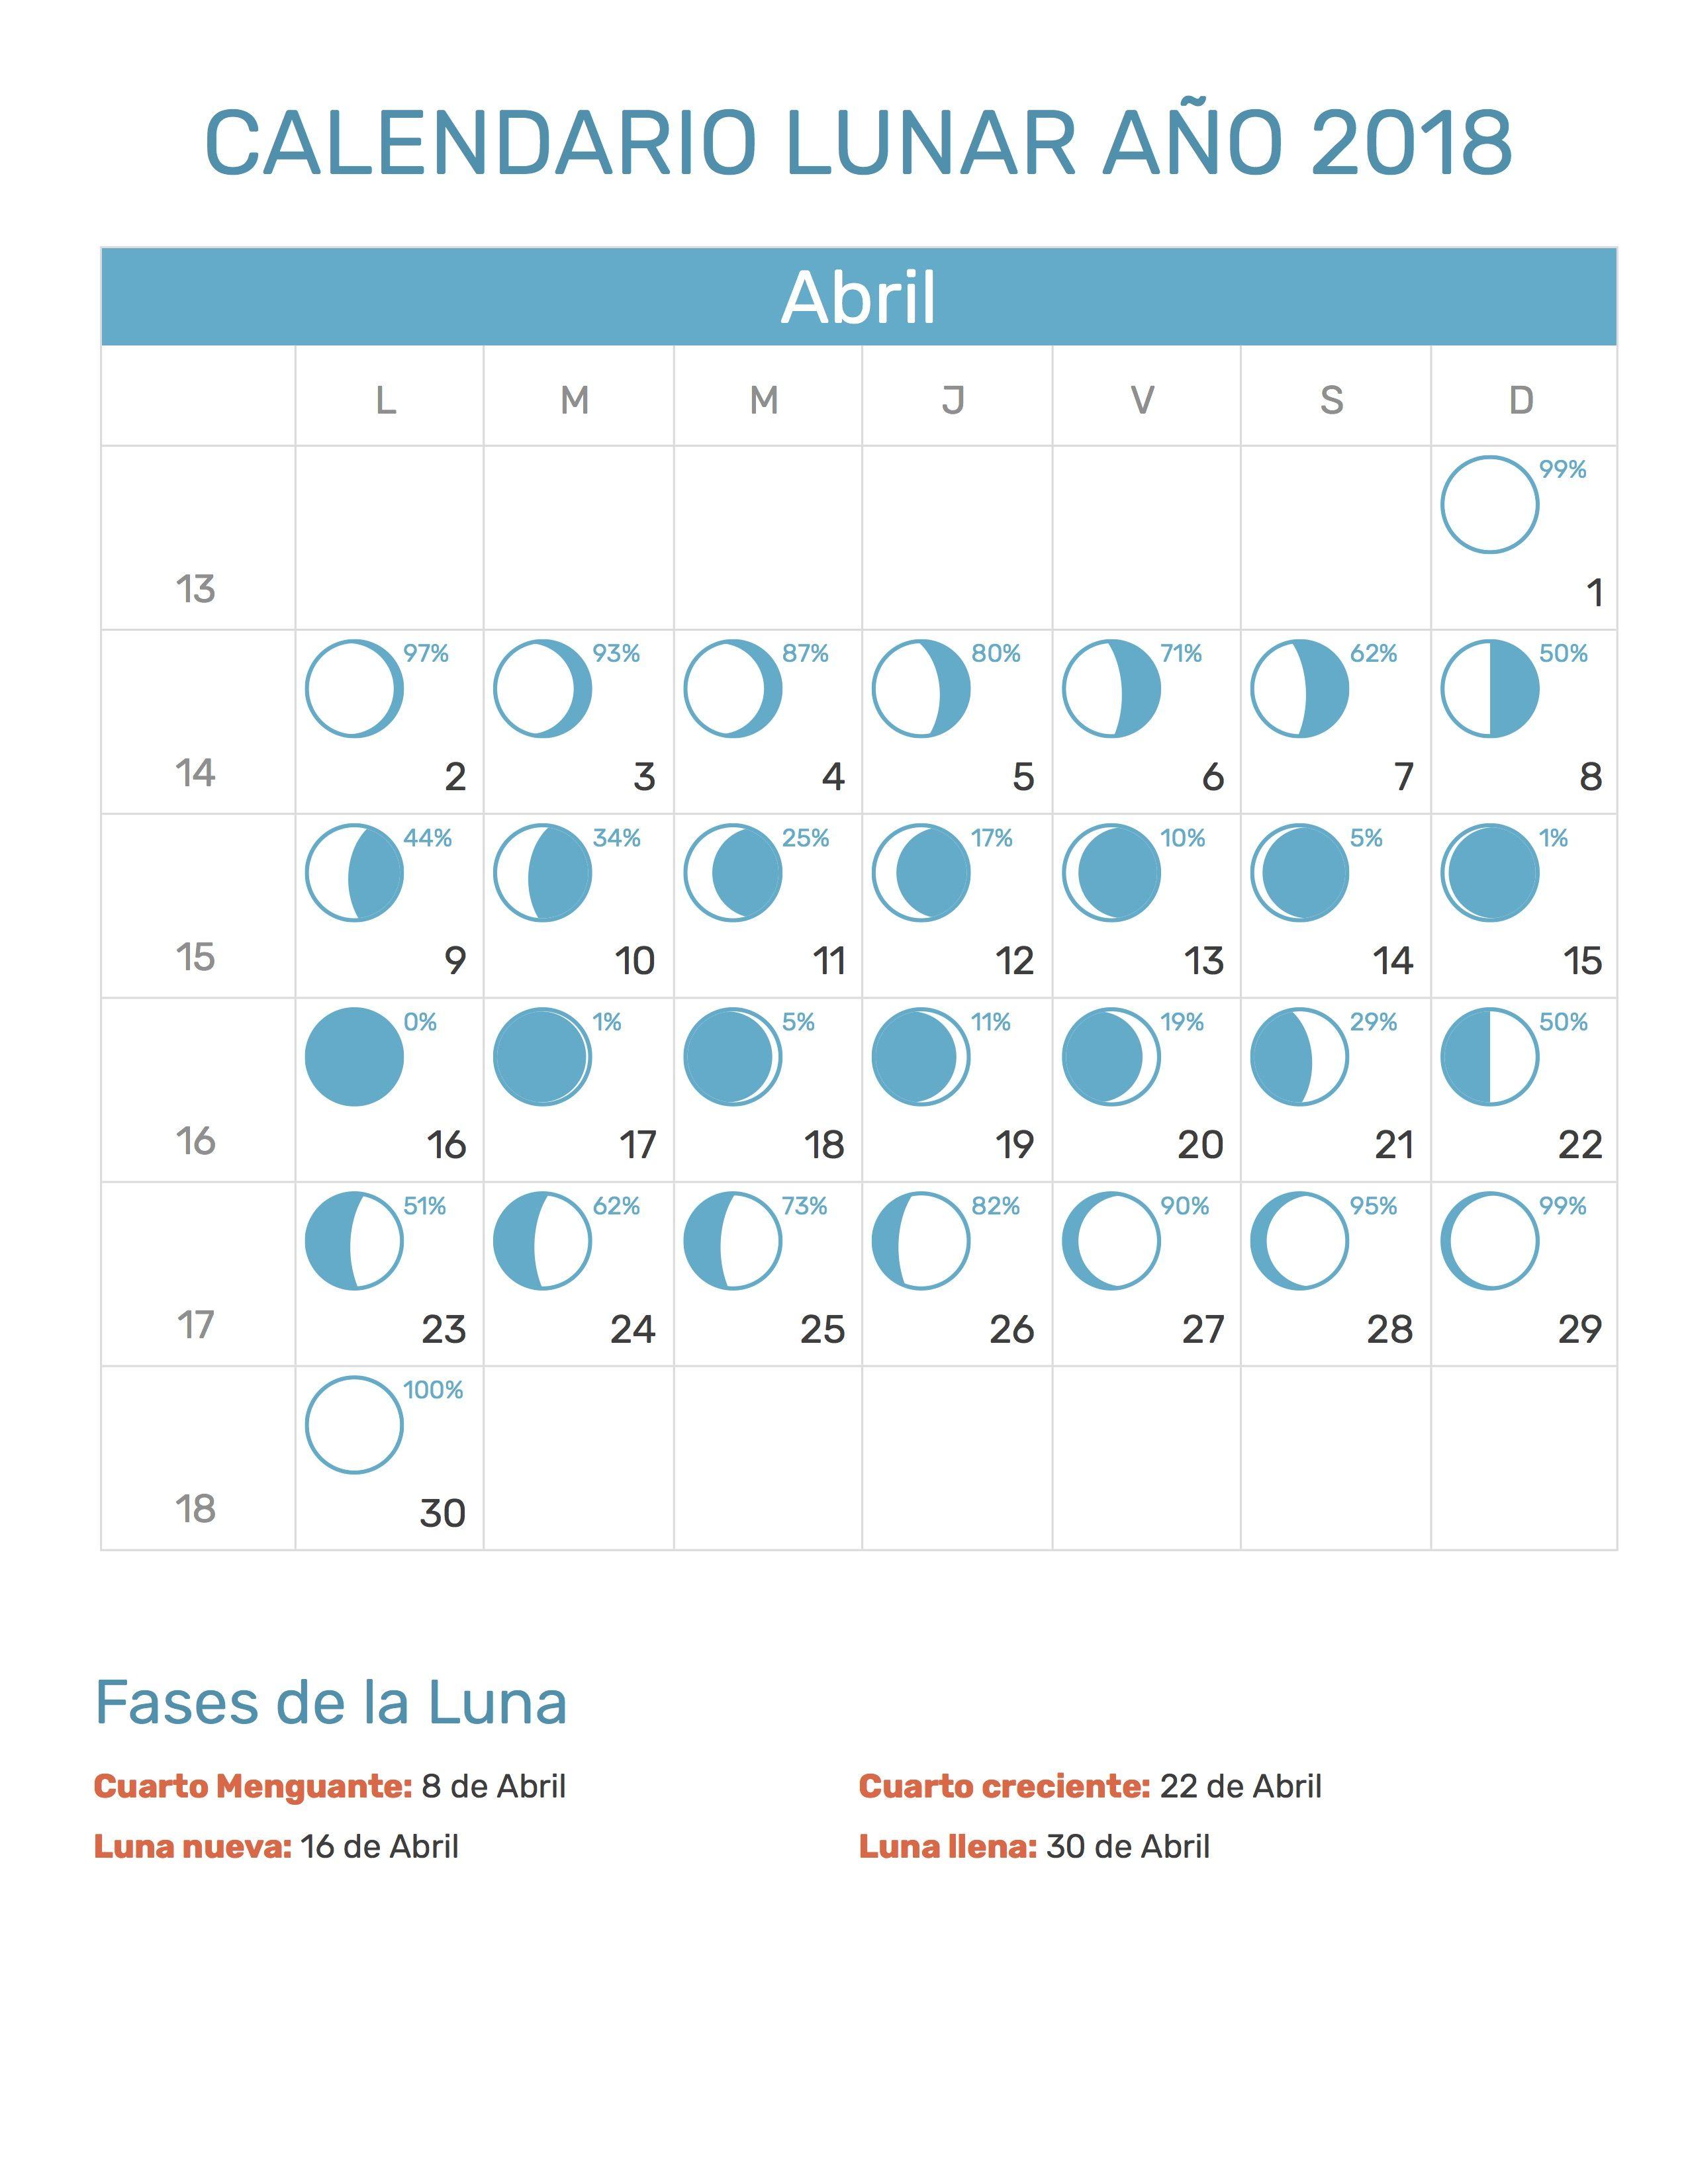 Calendario lunar del mes de abril ao 2018 con fases de las luna calendario lunar del mes de abril ao 2018 con fases de las luna correspondiente versin fandeluxe Images